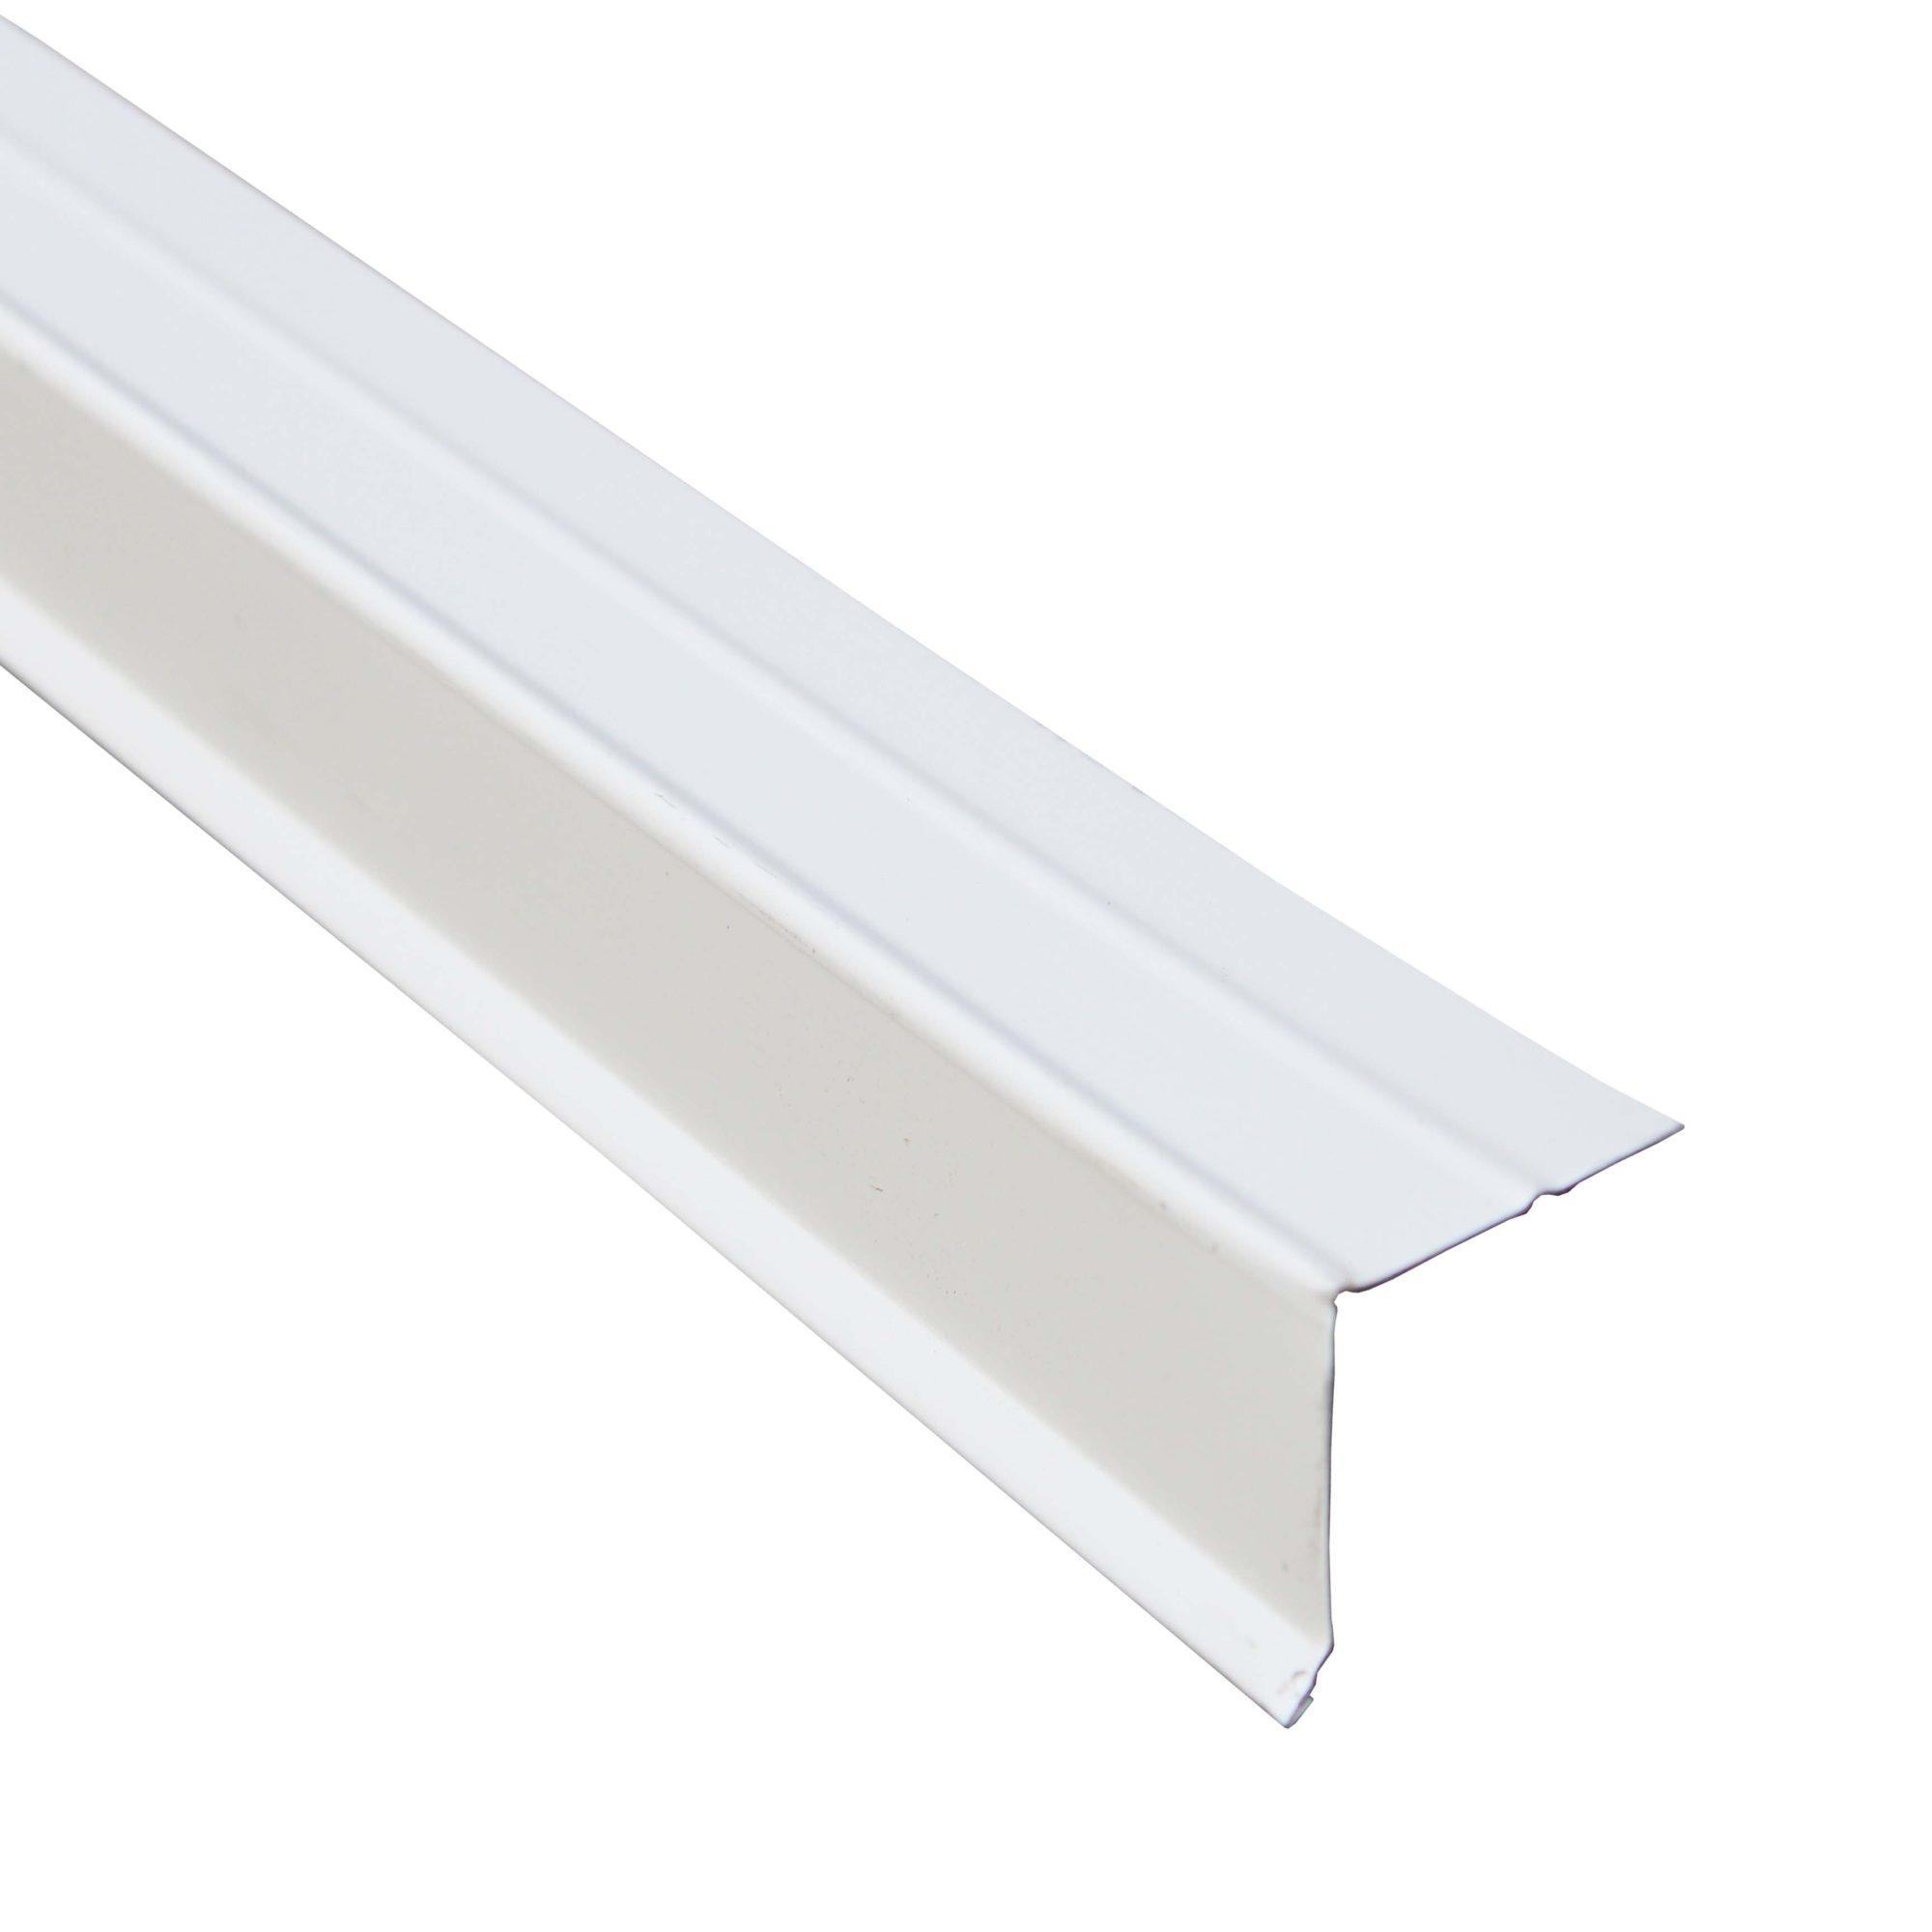 PREMIUM RAKE EDGE ALUMINUM WHITE